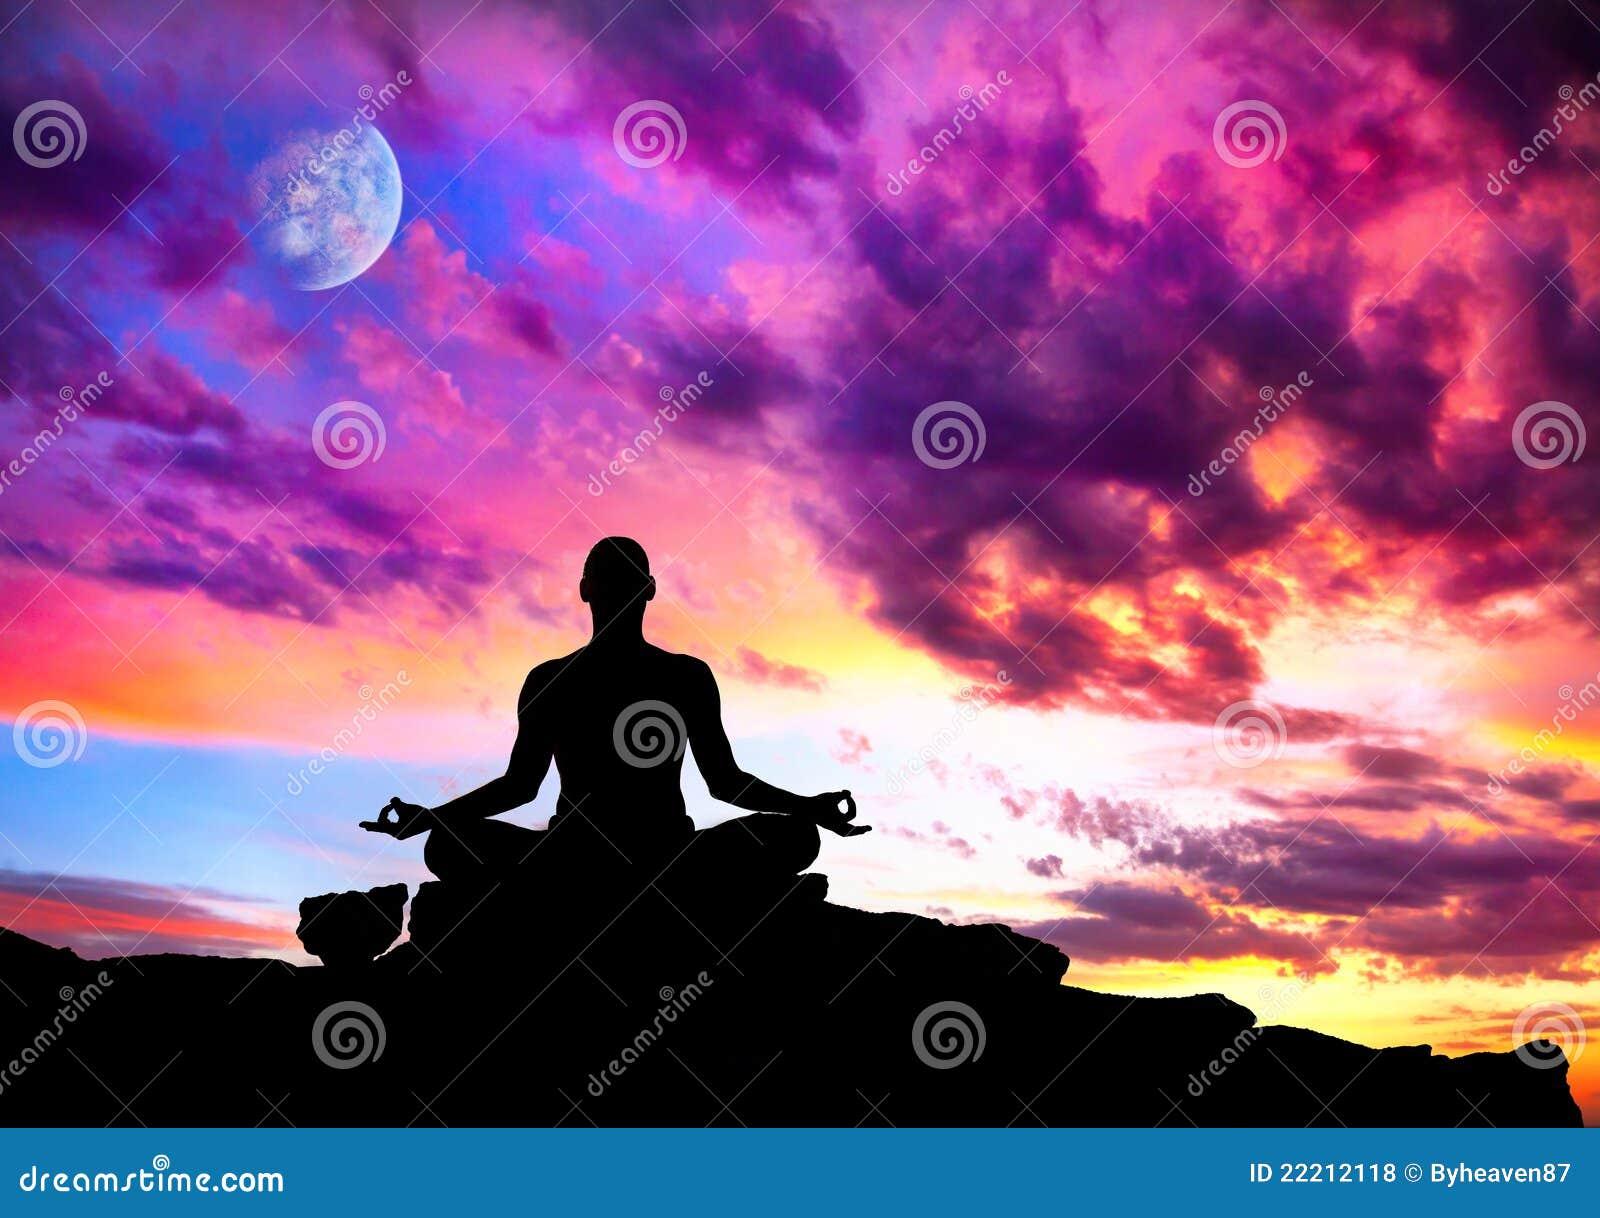 Pose da silhueta da meditação da ioga